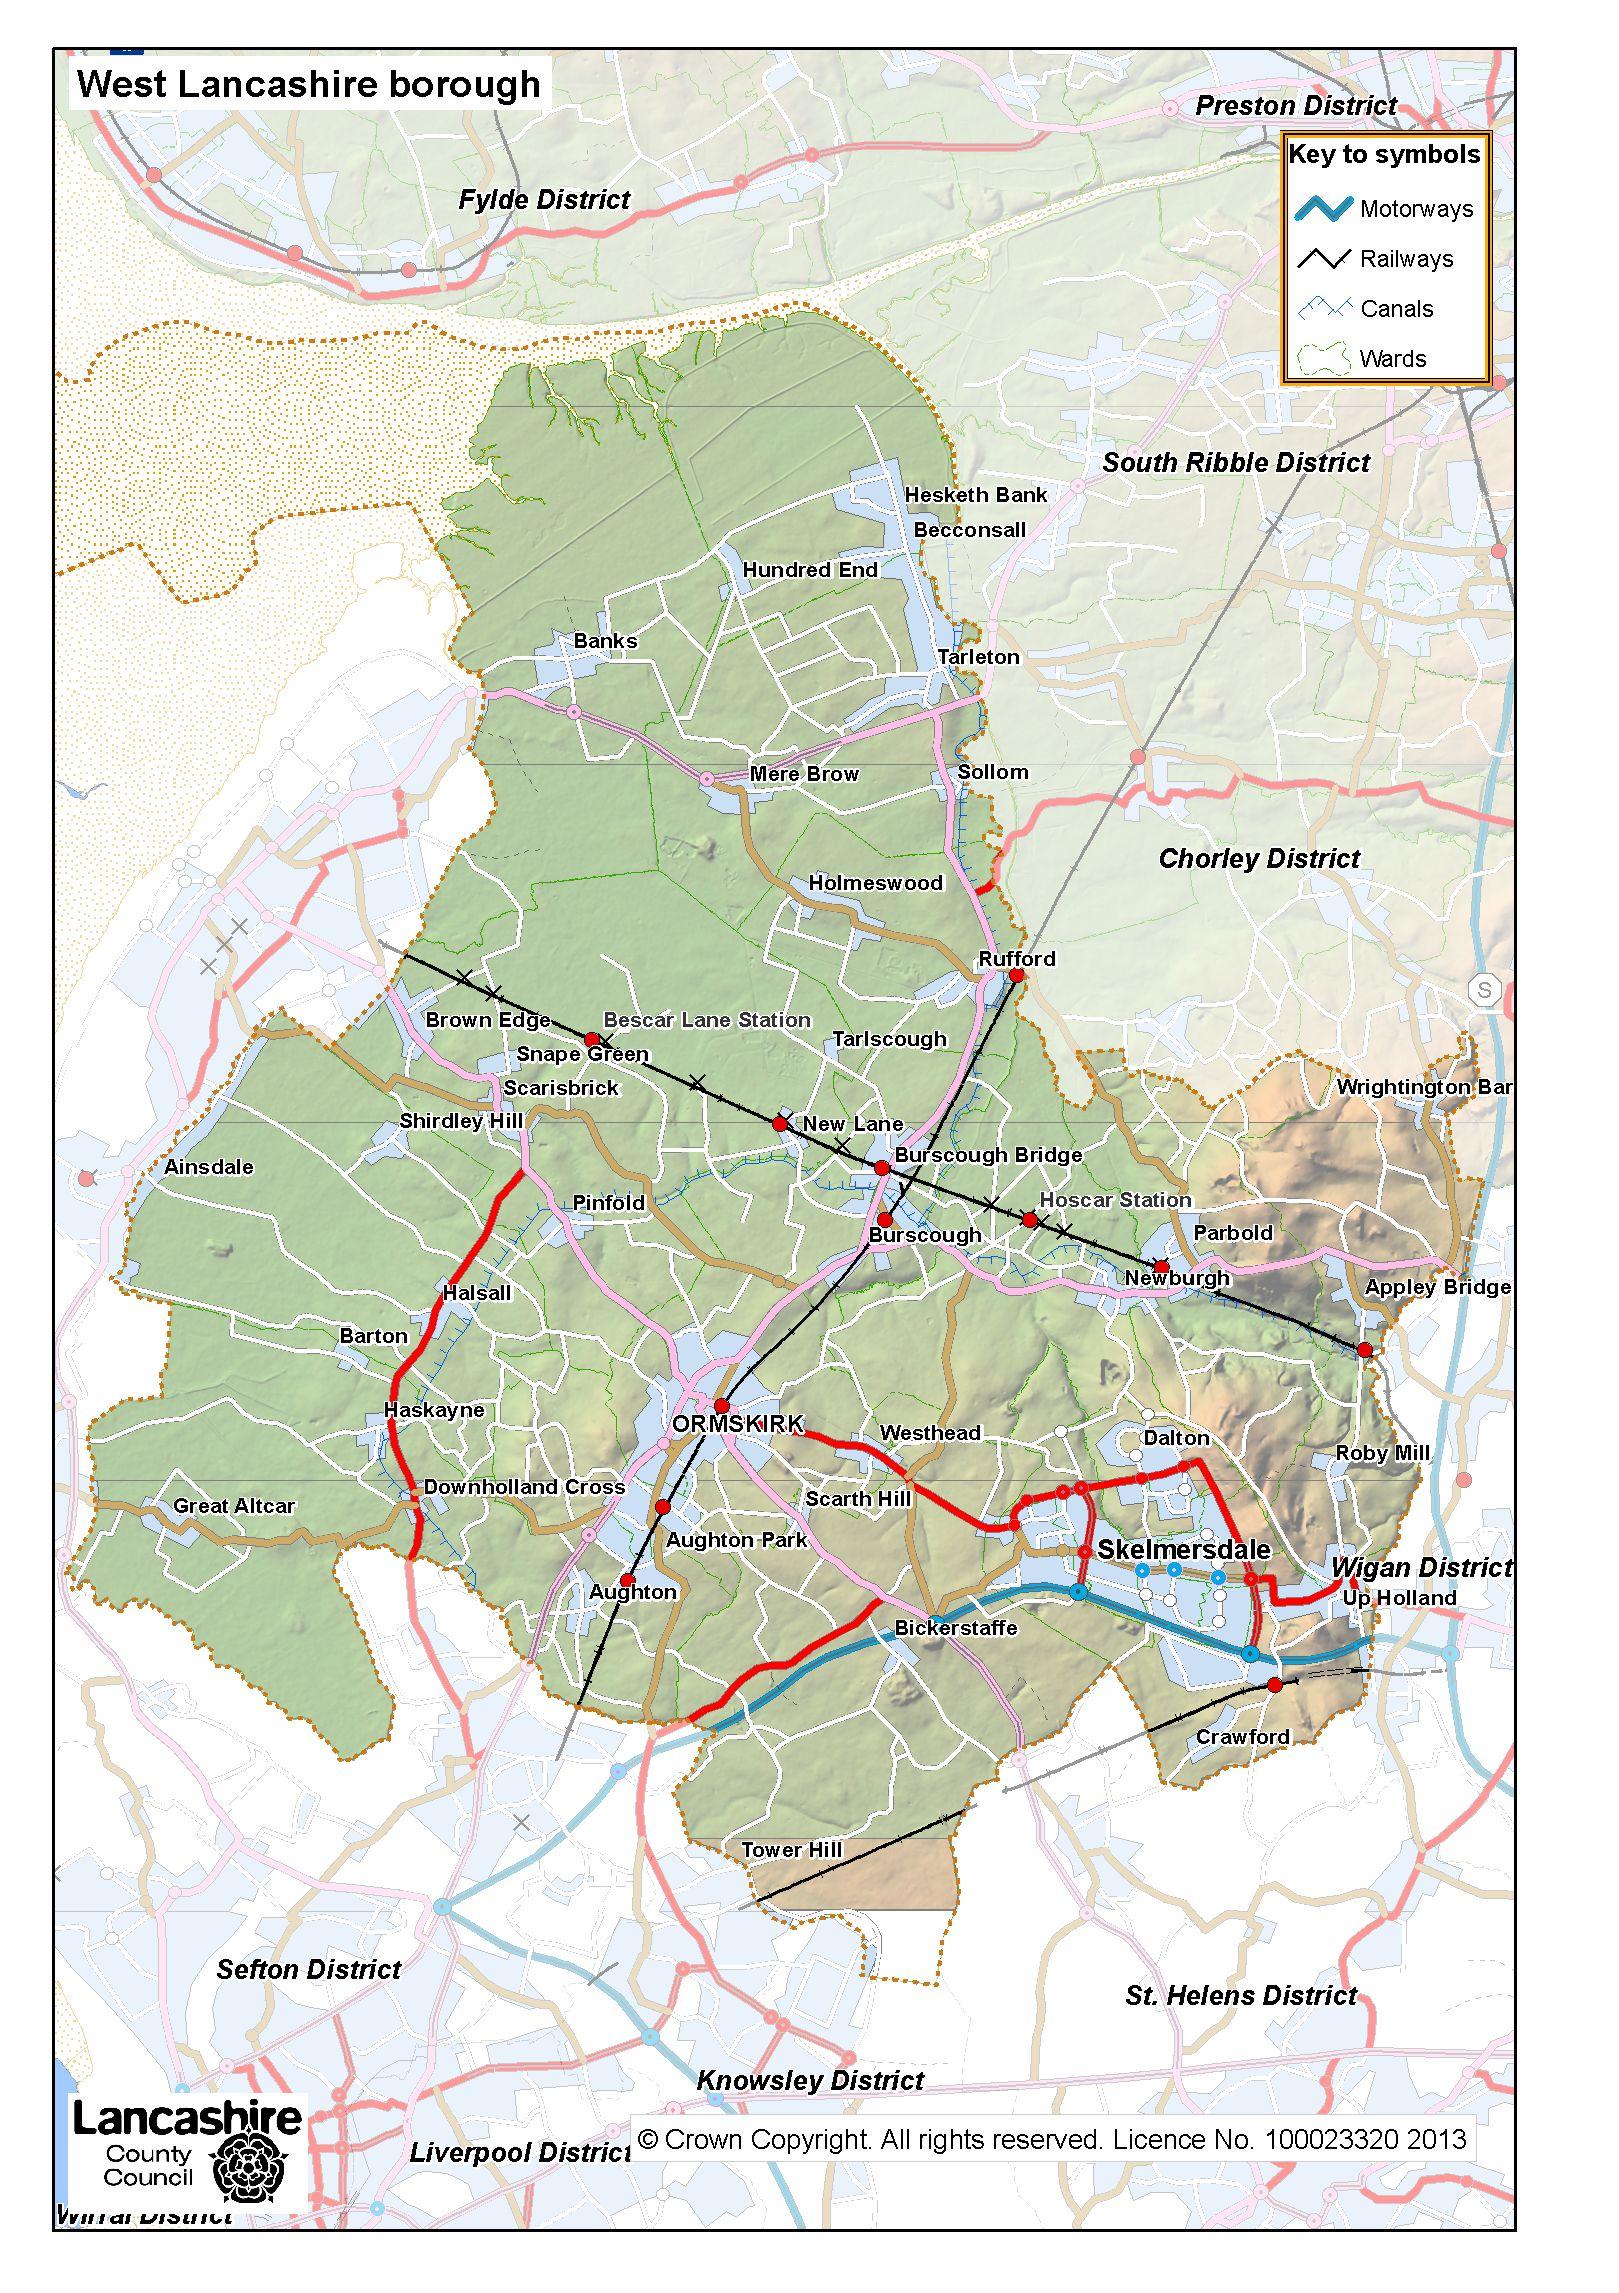 West Lancashire district - Lancashire County Council